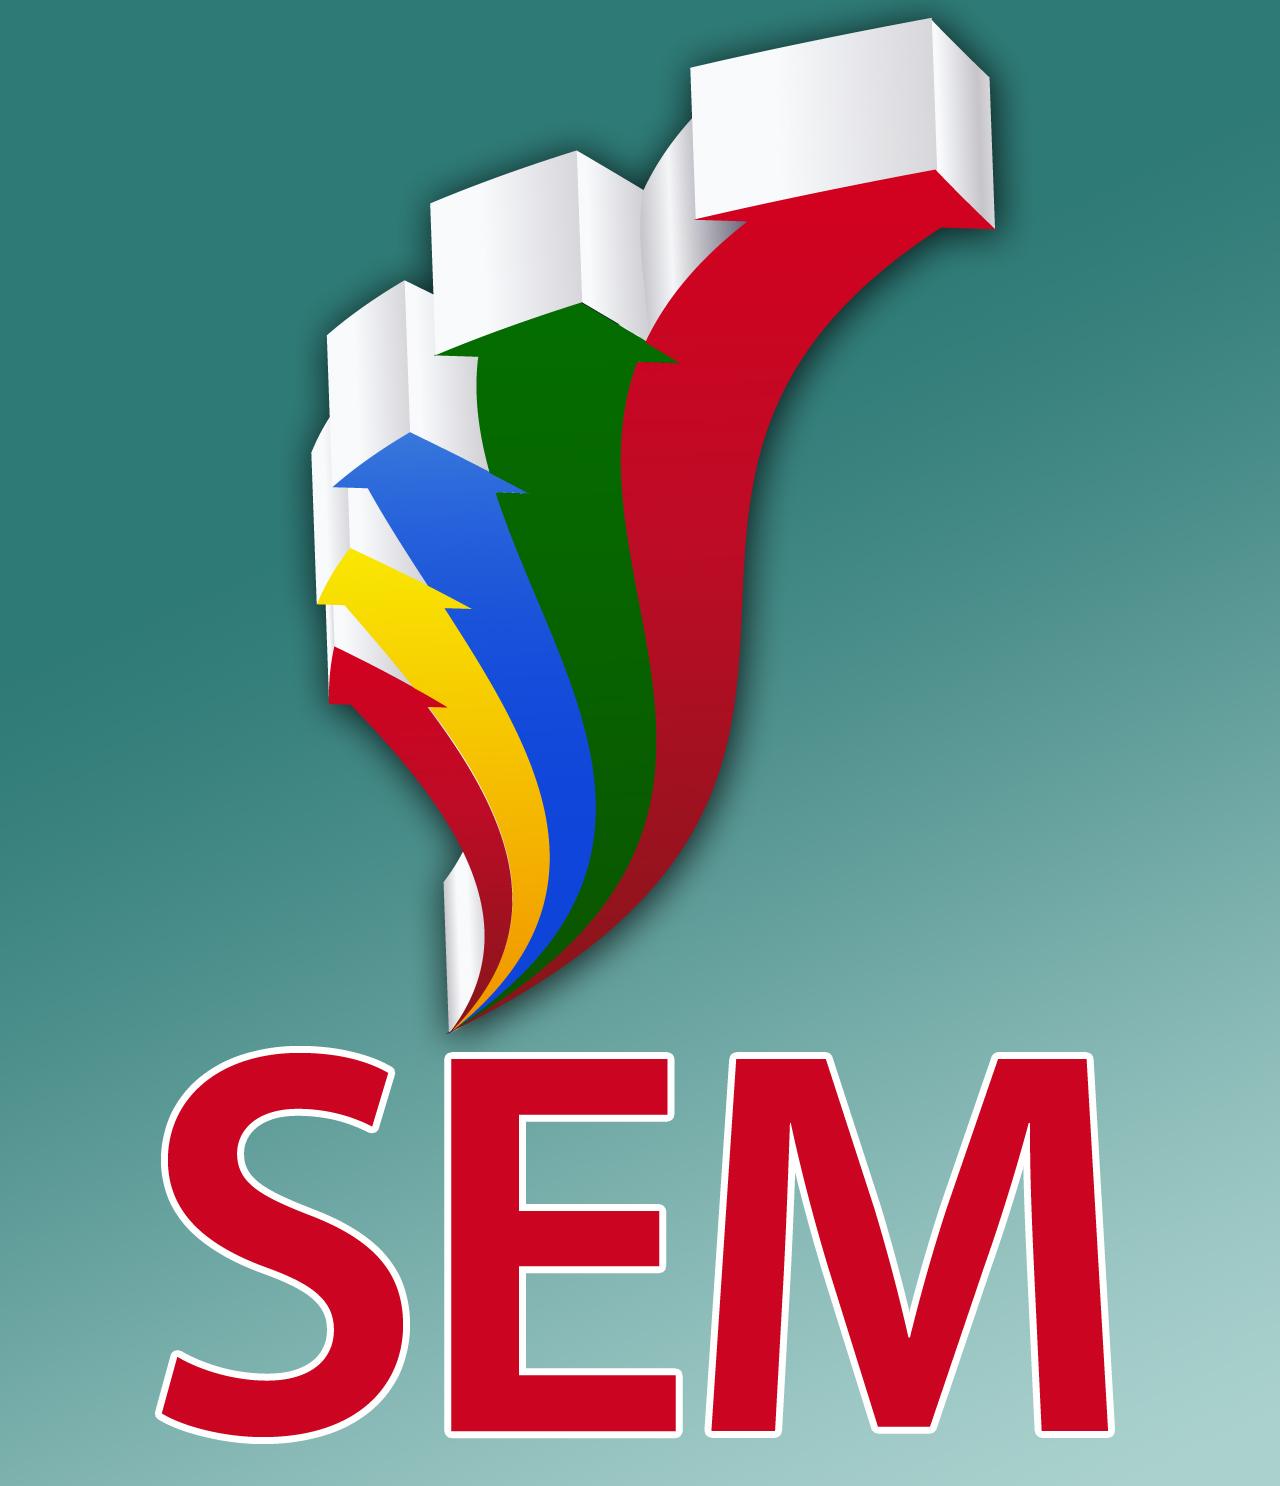 Die SEM-Agentur ofischer communication findet Schwachstellen einer bestehenden Adwords-Kampagne und bessert sie aus. Nach Umsetzung des Konzeptes: vermehrte Lead-Generierung für den Vertrieb!